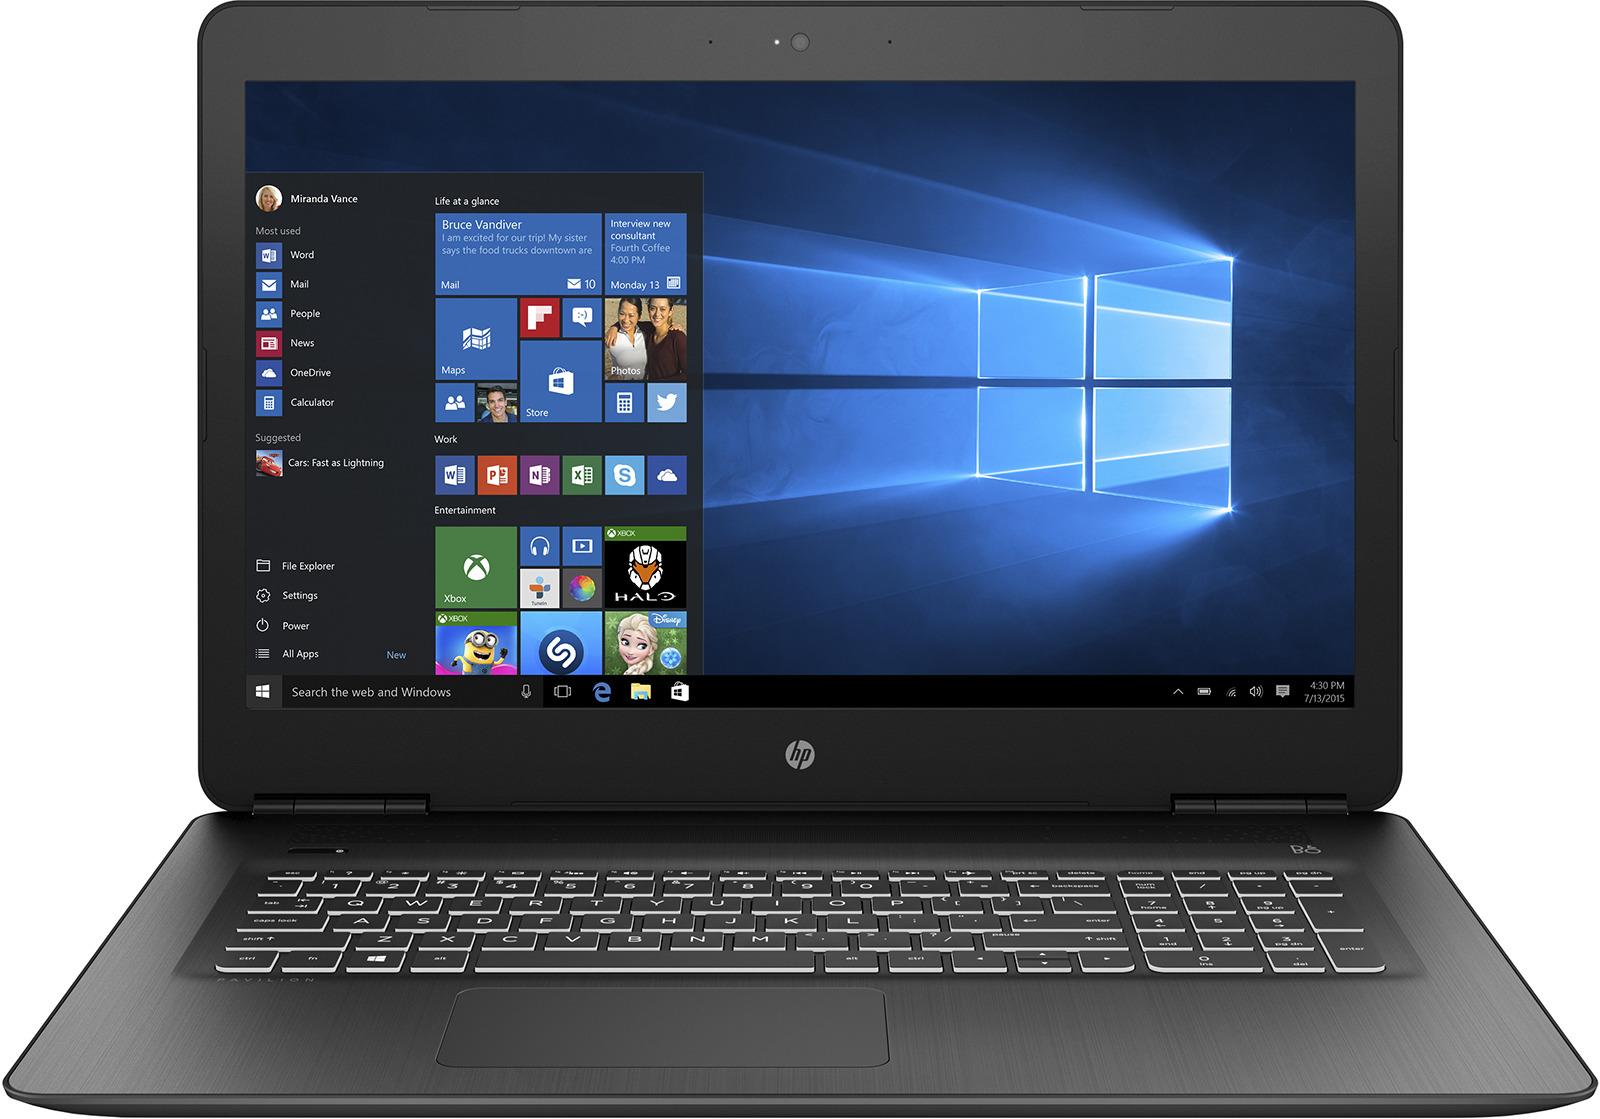 17.3 Игровой ноутбук HP Pavilion Gaming 17-ab326ur 2ZH12EA, черный